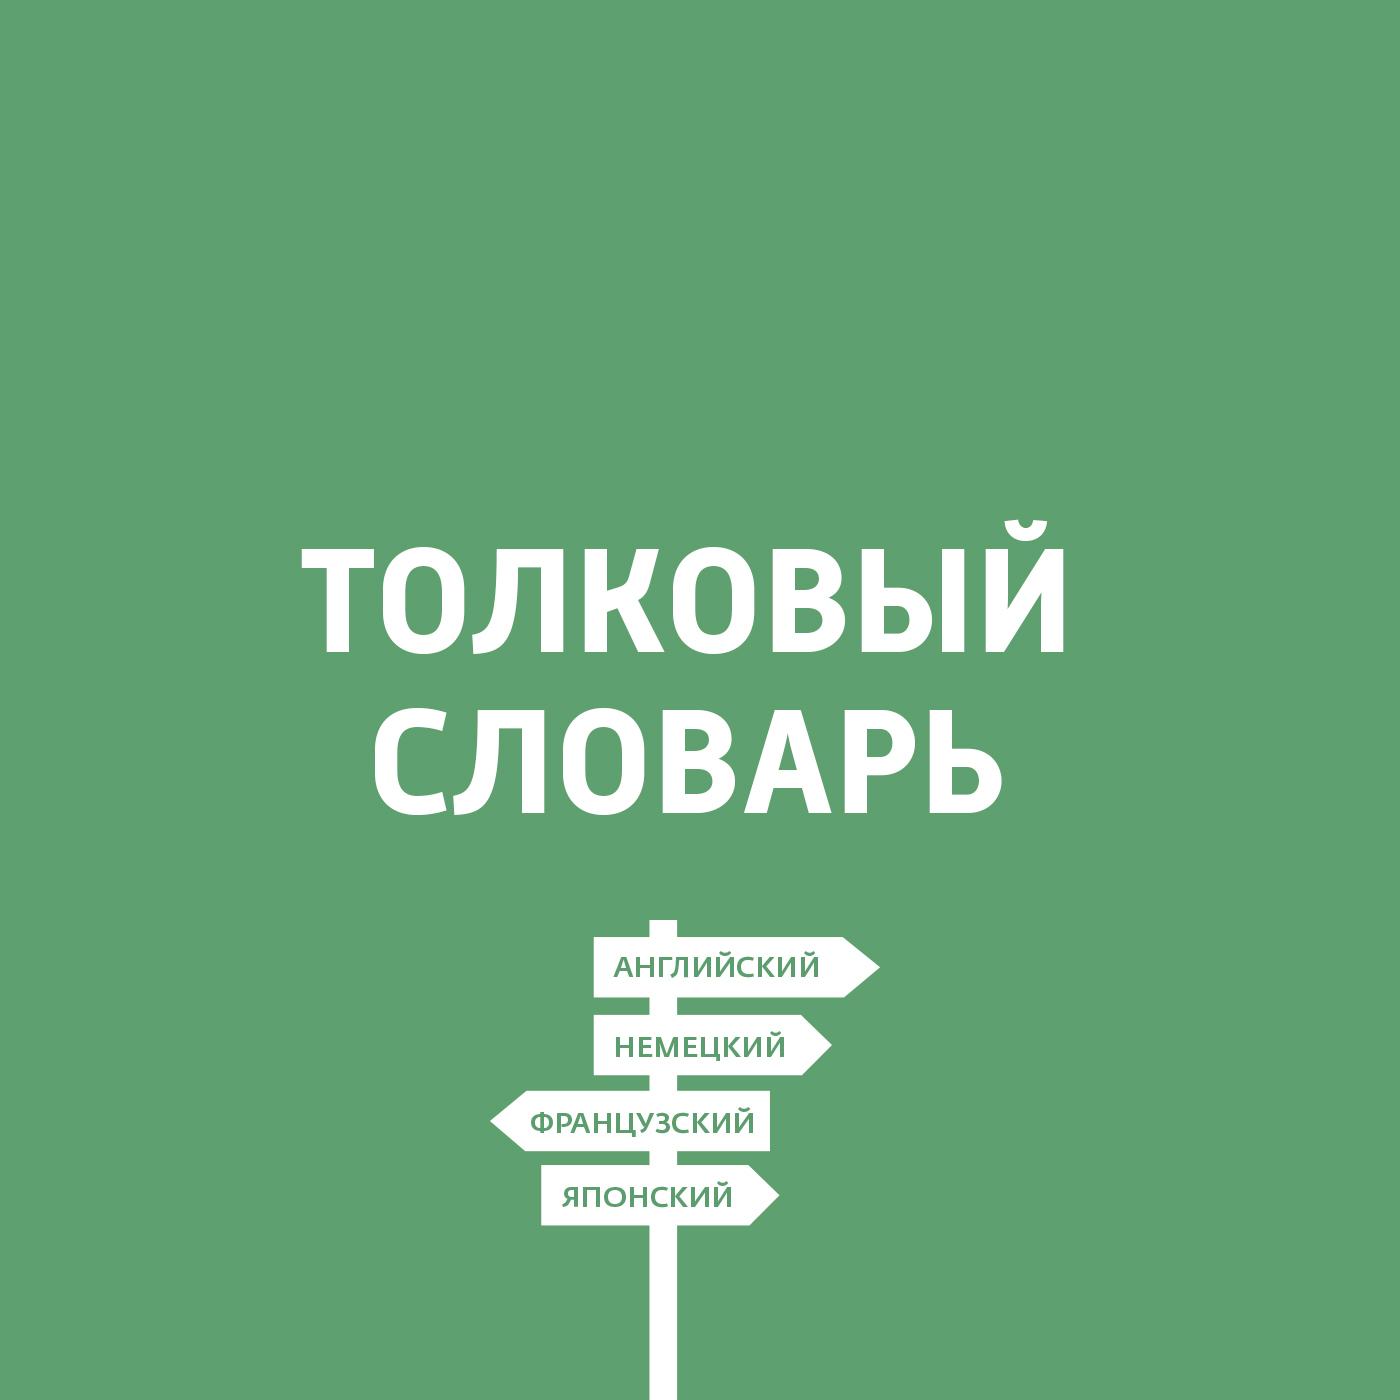 Дмитрий Петров Скандинавские языки. Часть 2 все цены